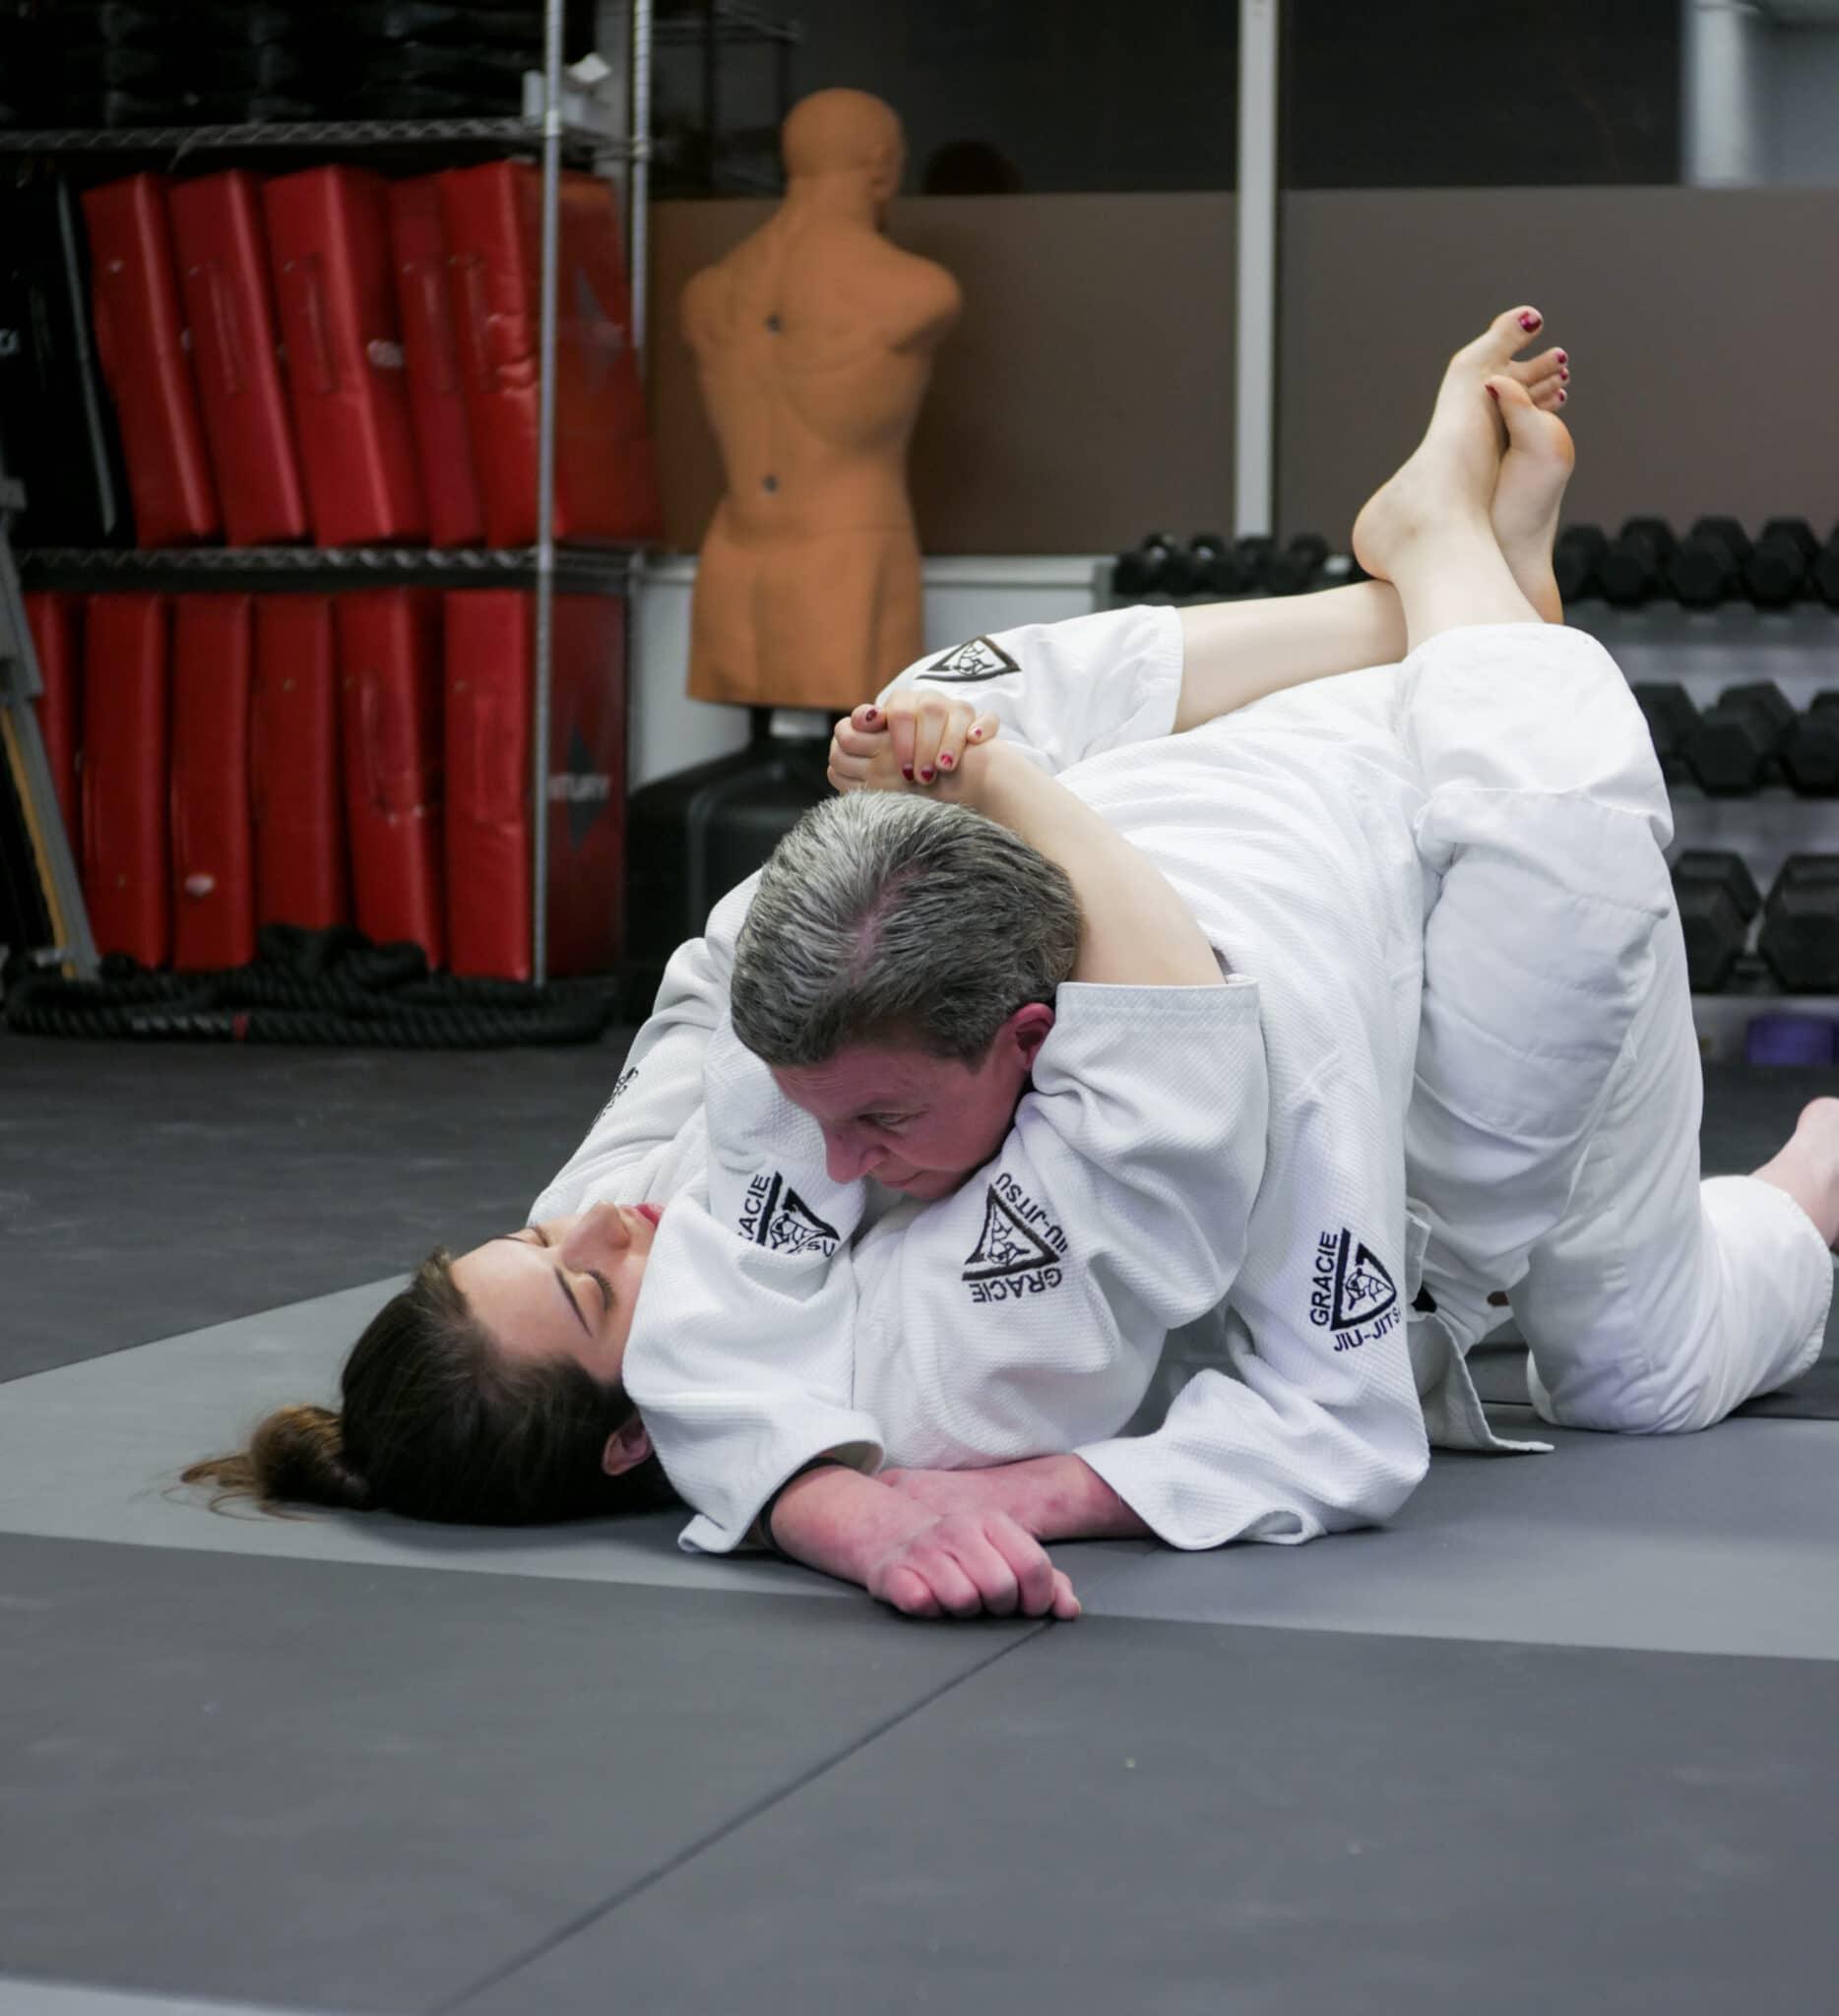 Metro Karate & Jiu Jitsu Gracie Jiu-Jitsu image